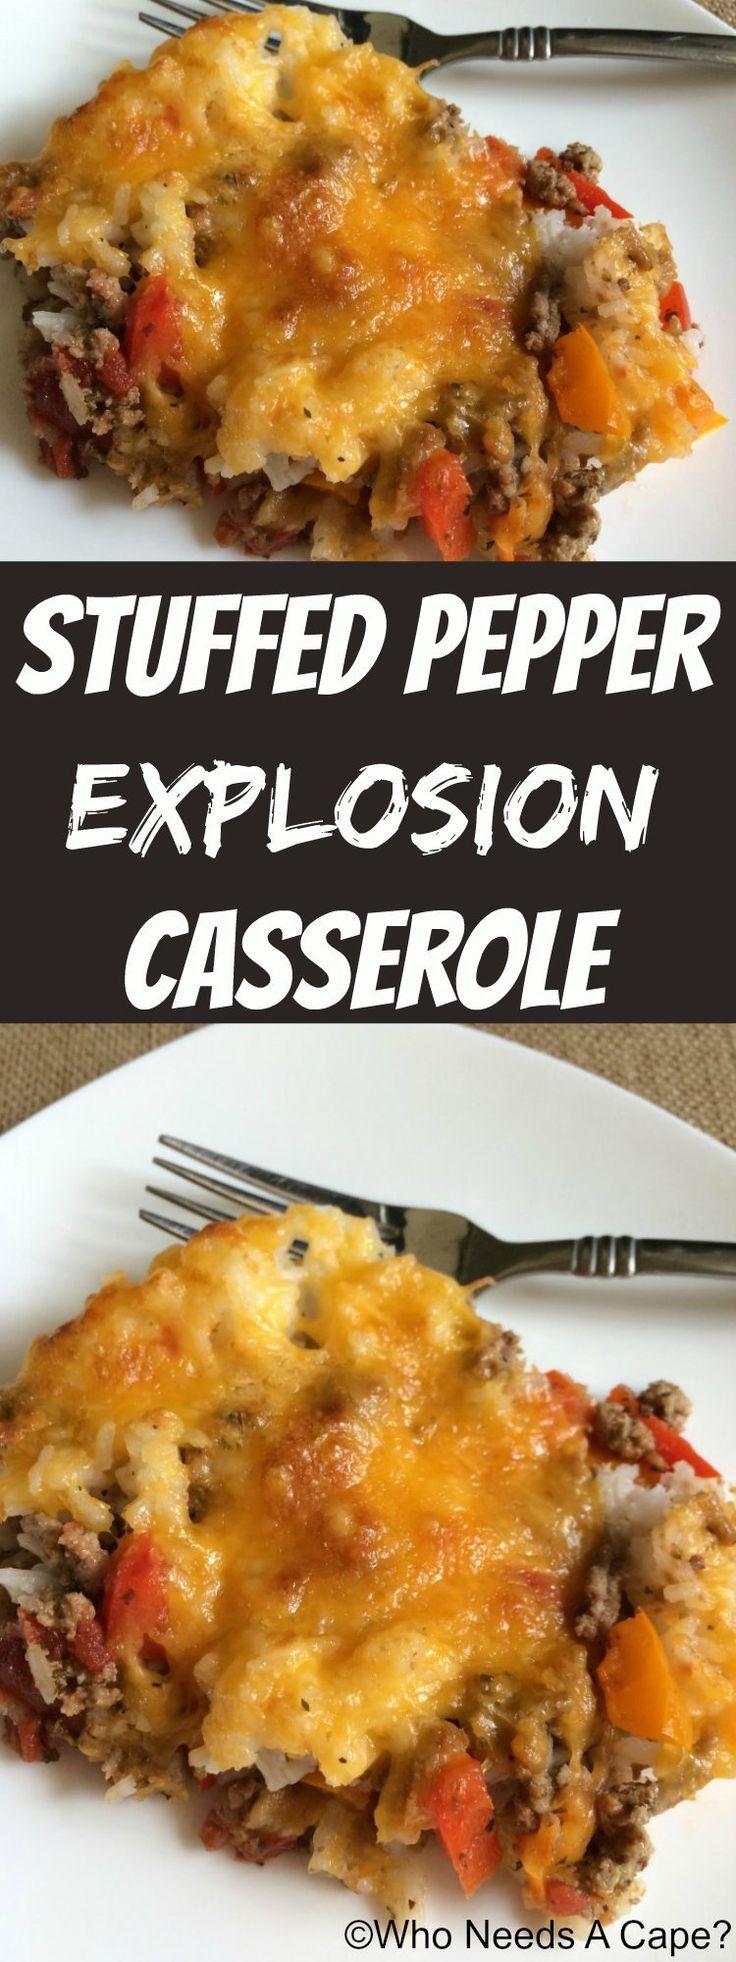 http://whoneedsacape.com/wp-content/uploads/2012/09/StuffedPepperExplosionCasseroleCollage2.jpg